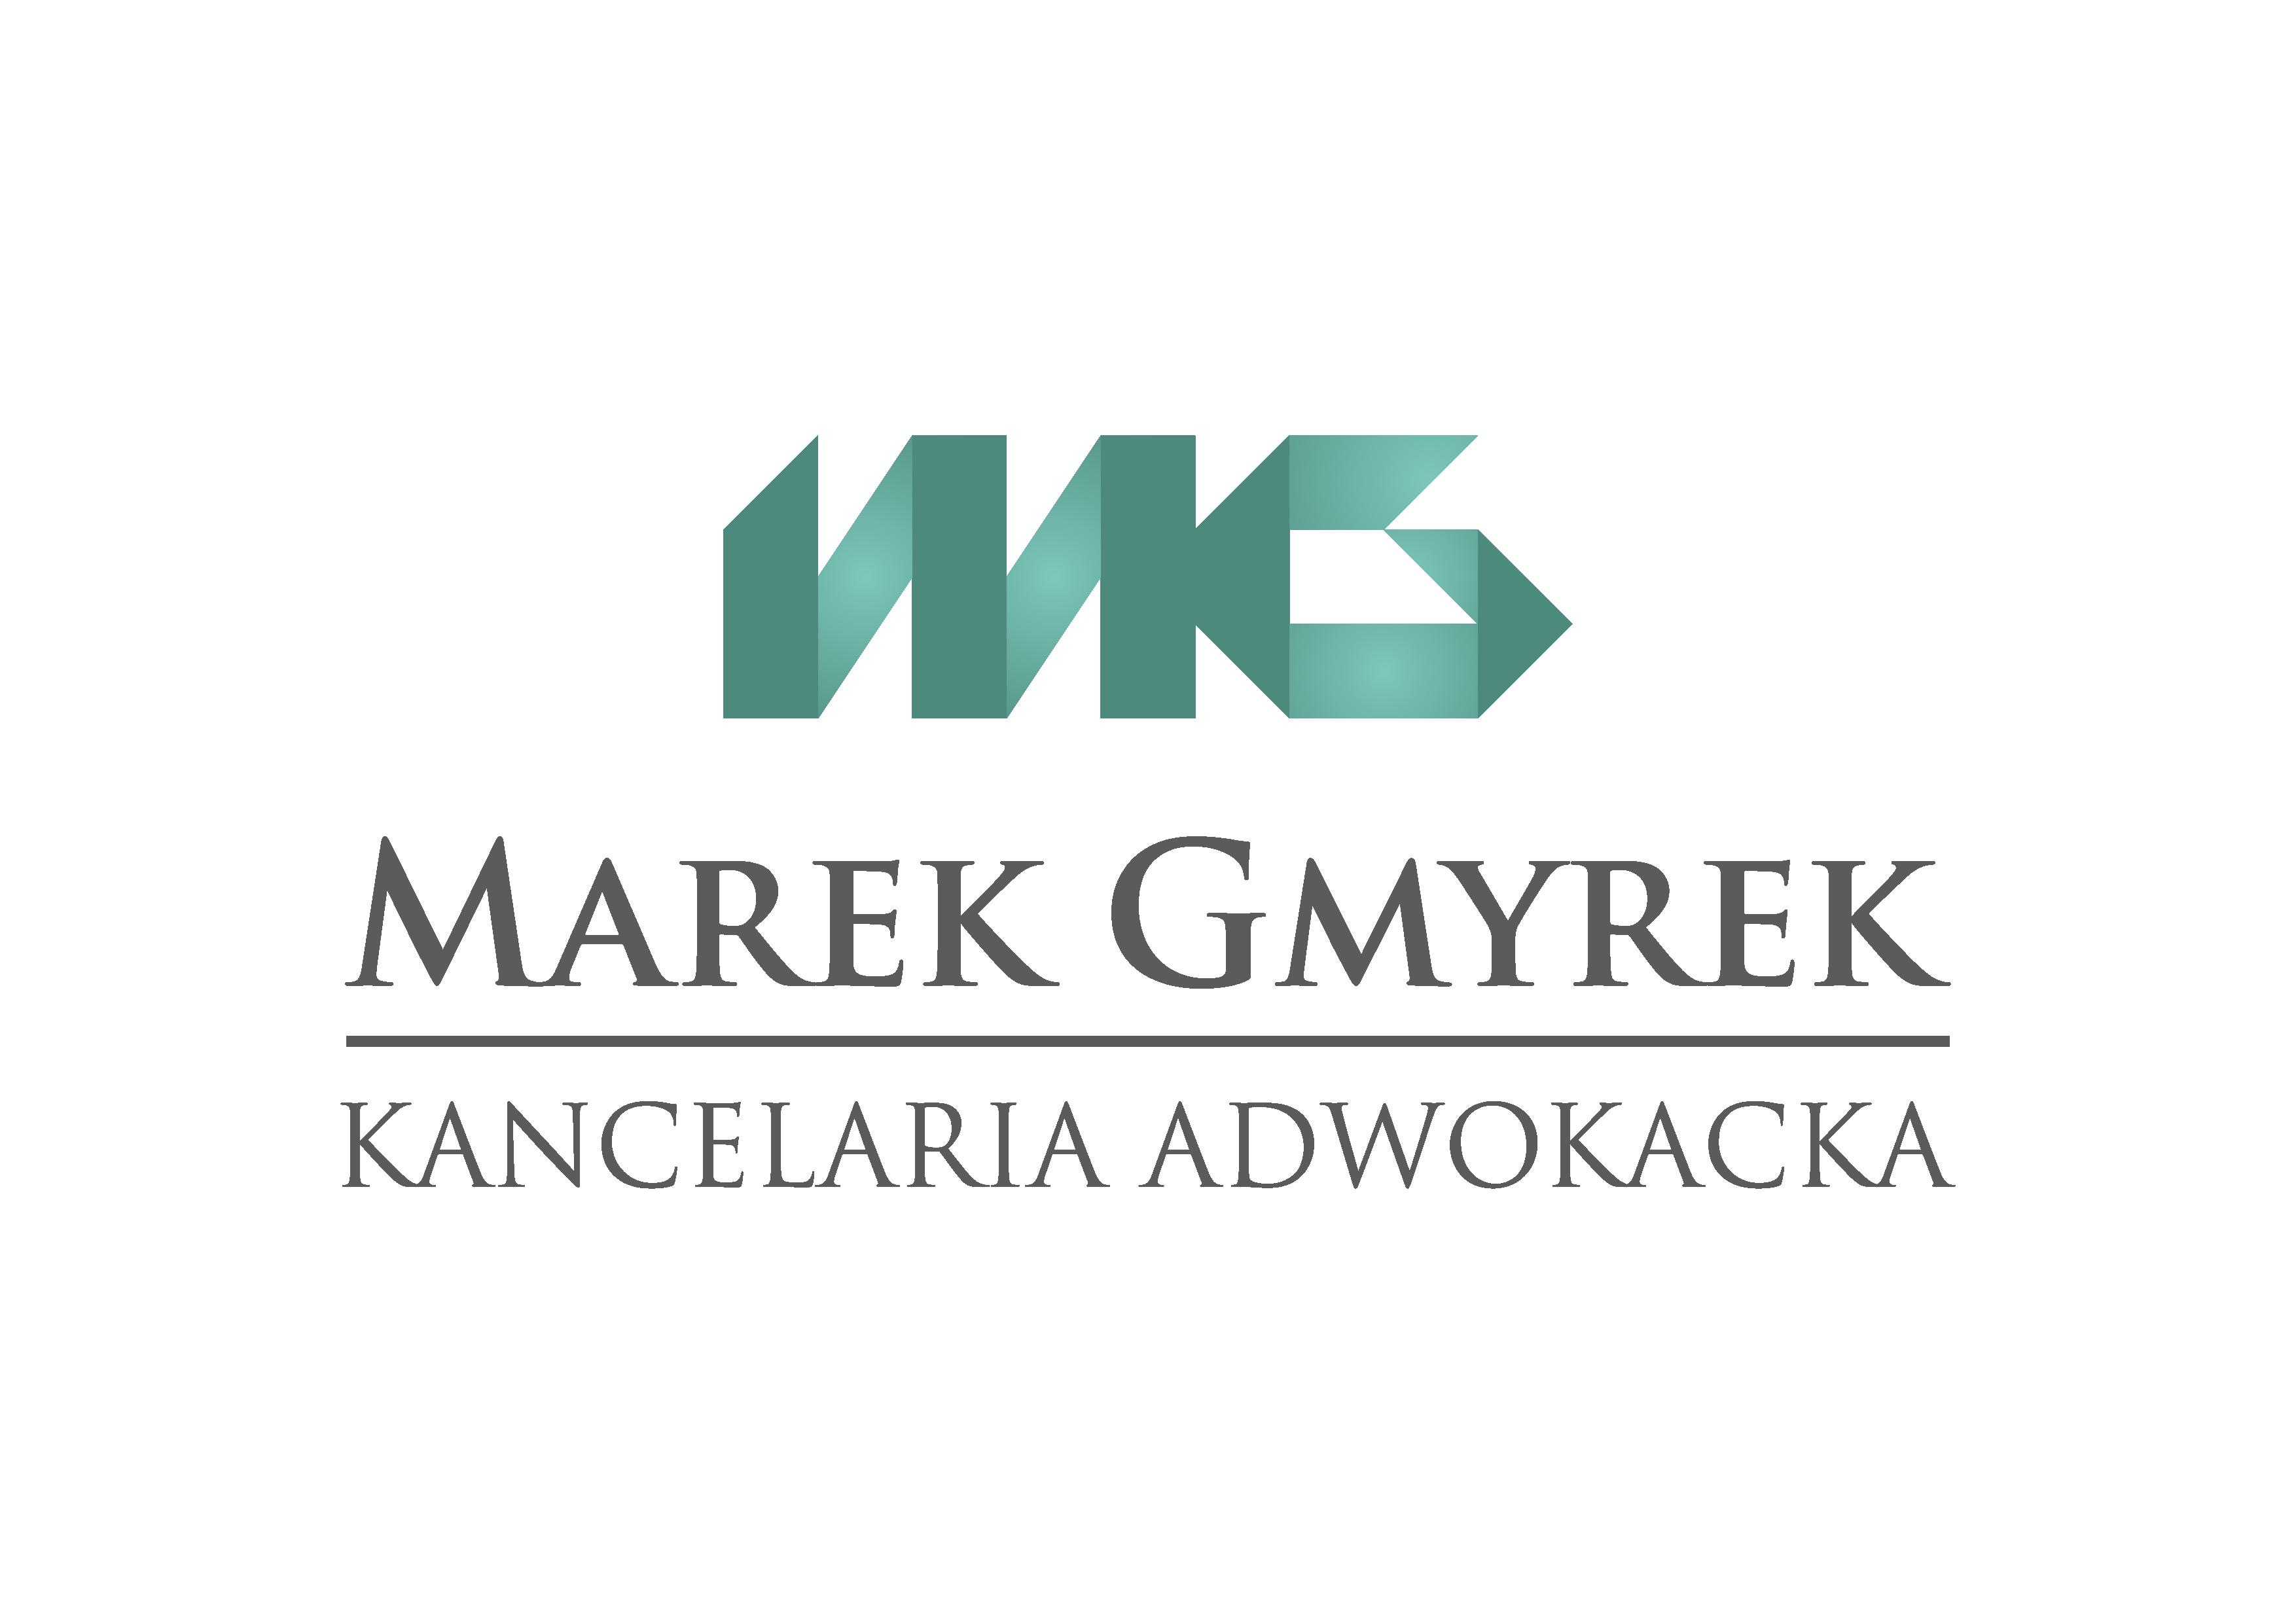 Kancelaria Adwokacka Marek Gmyrek